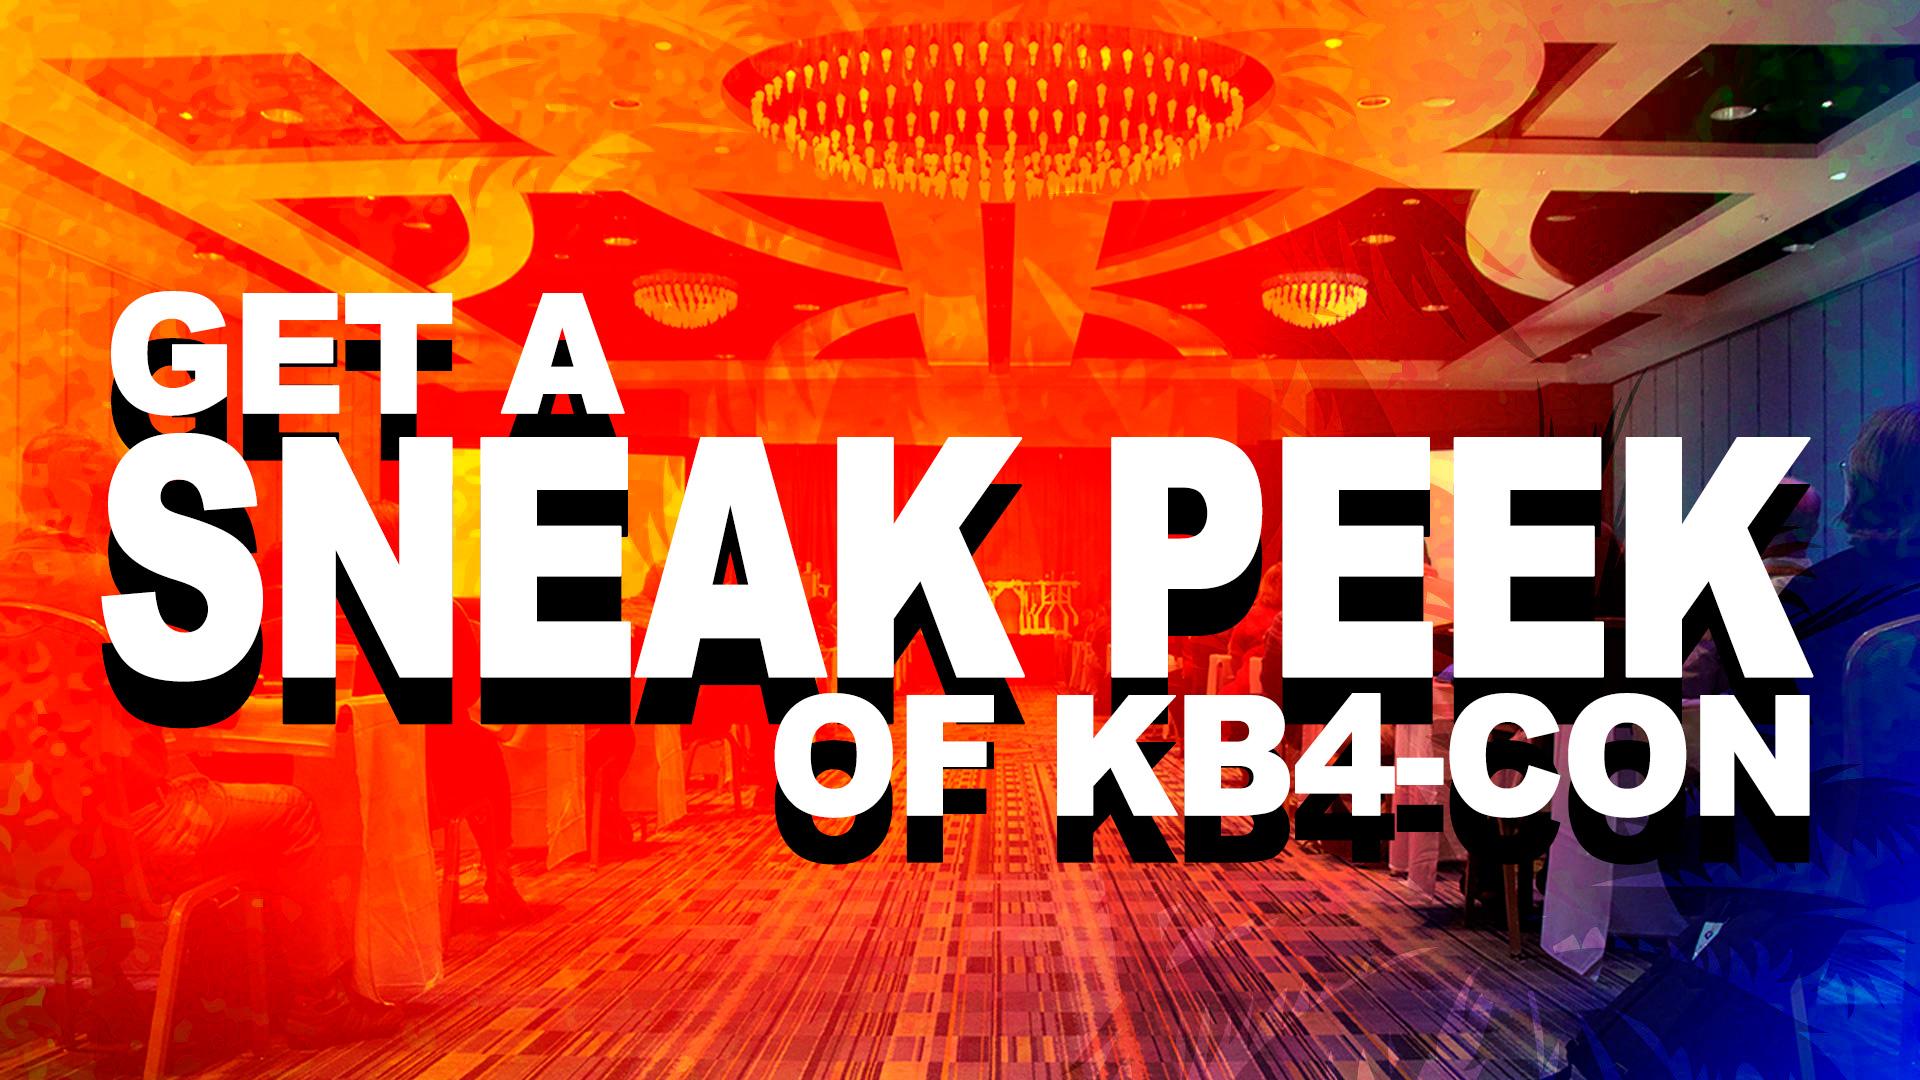 KB4-ConTeaser